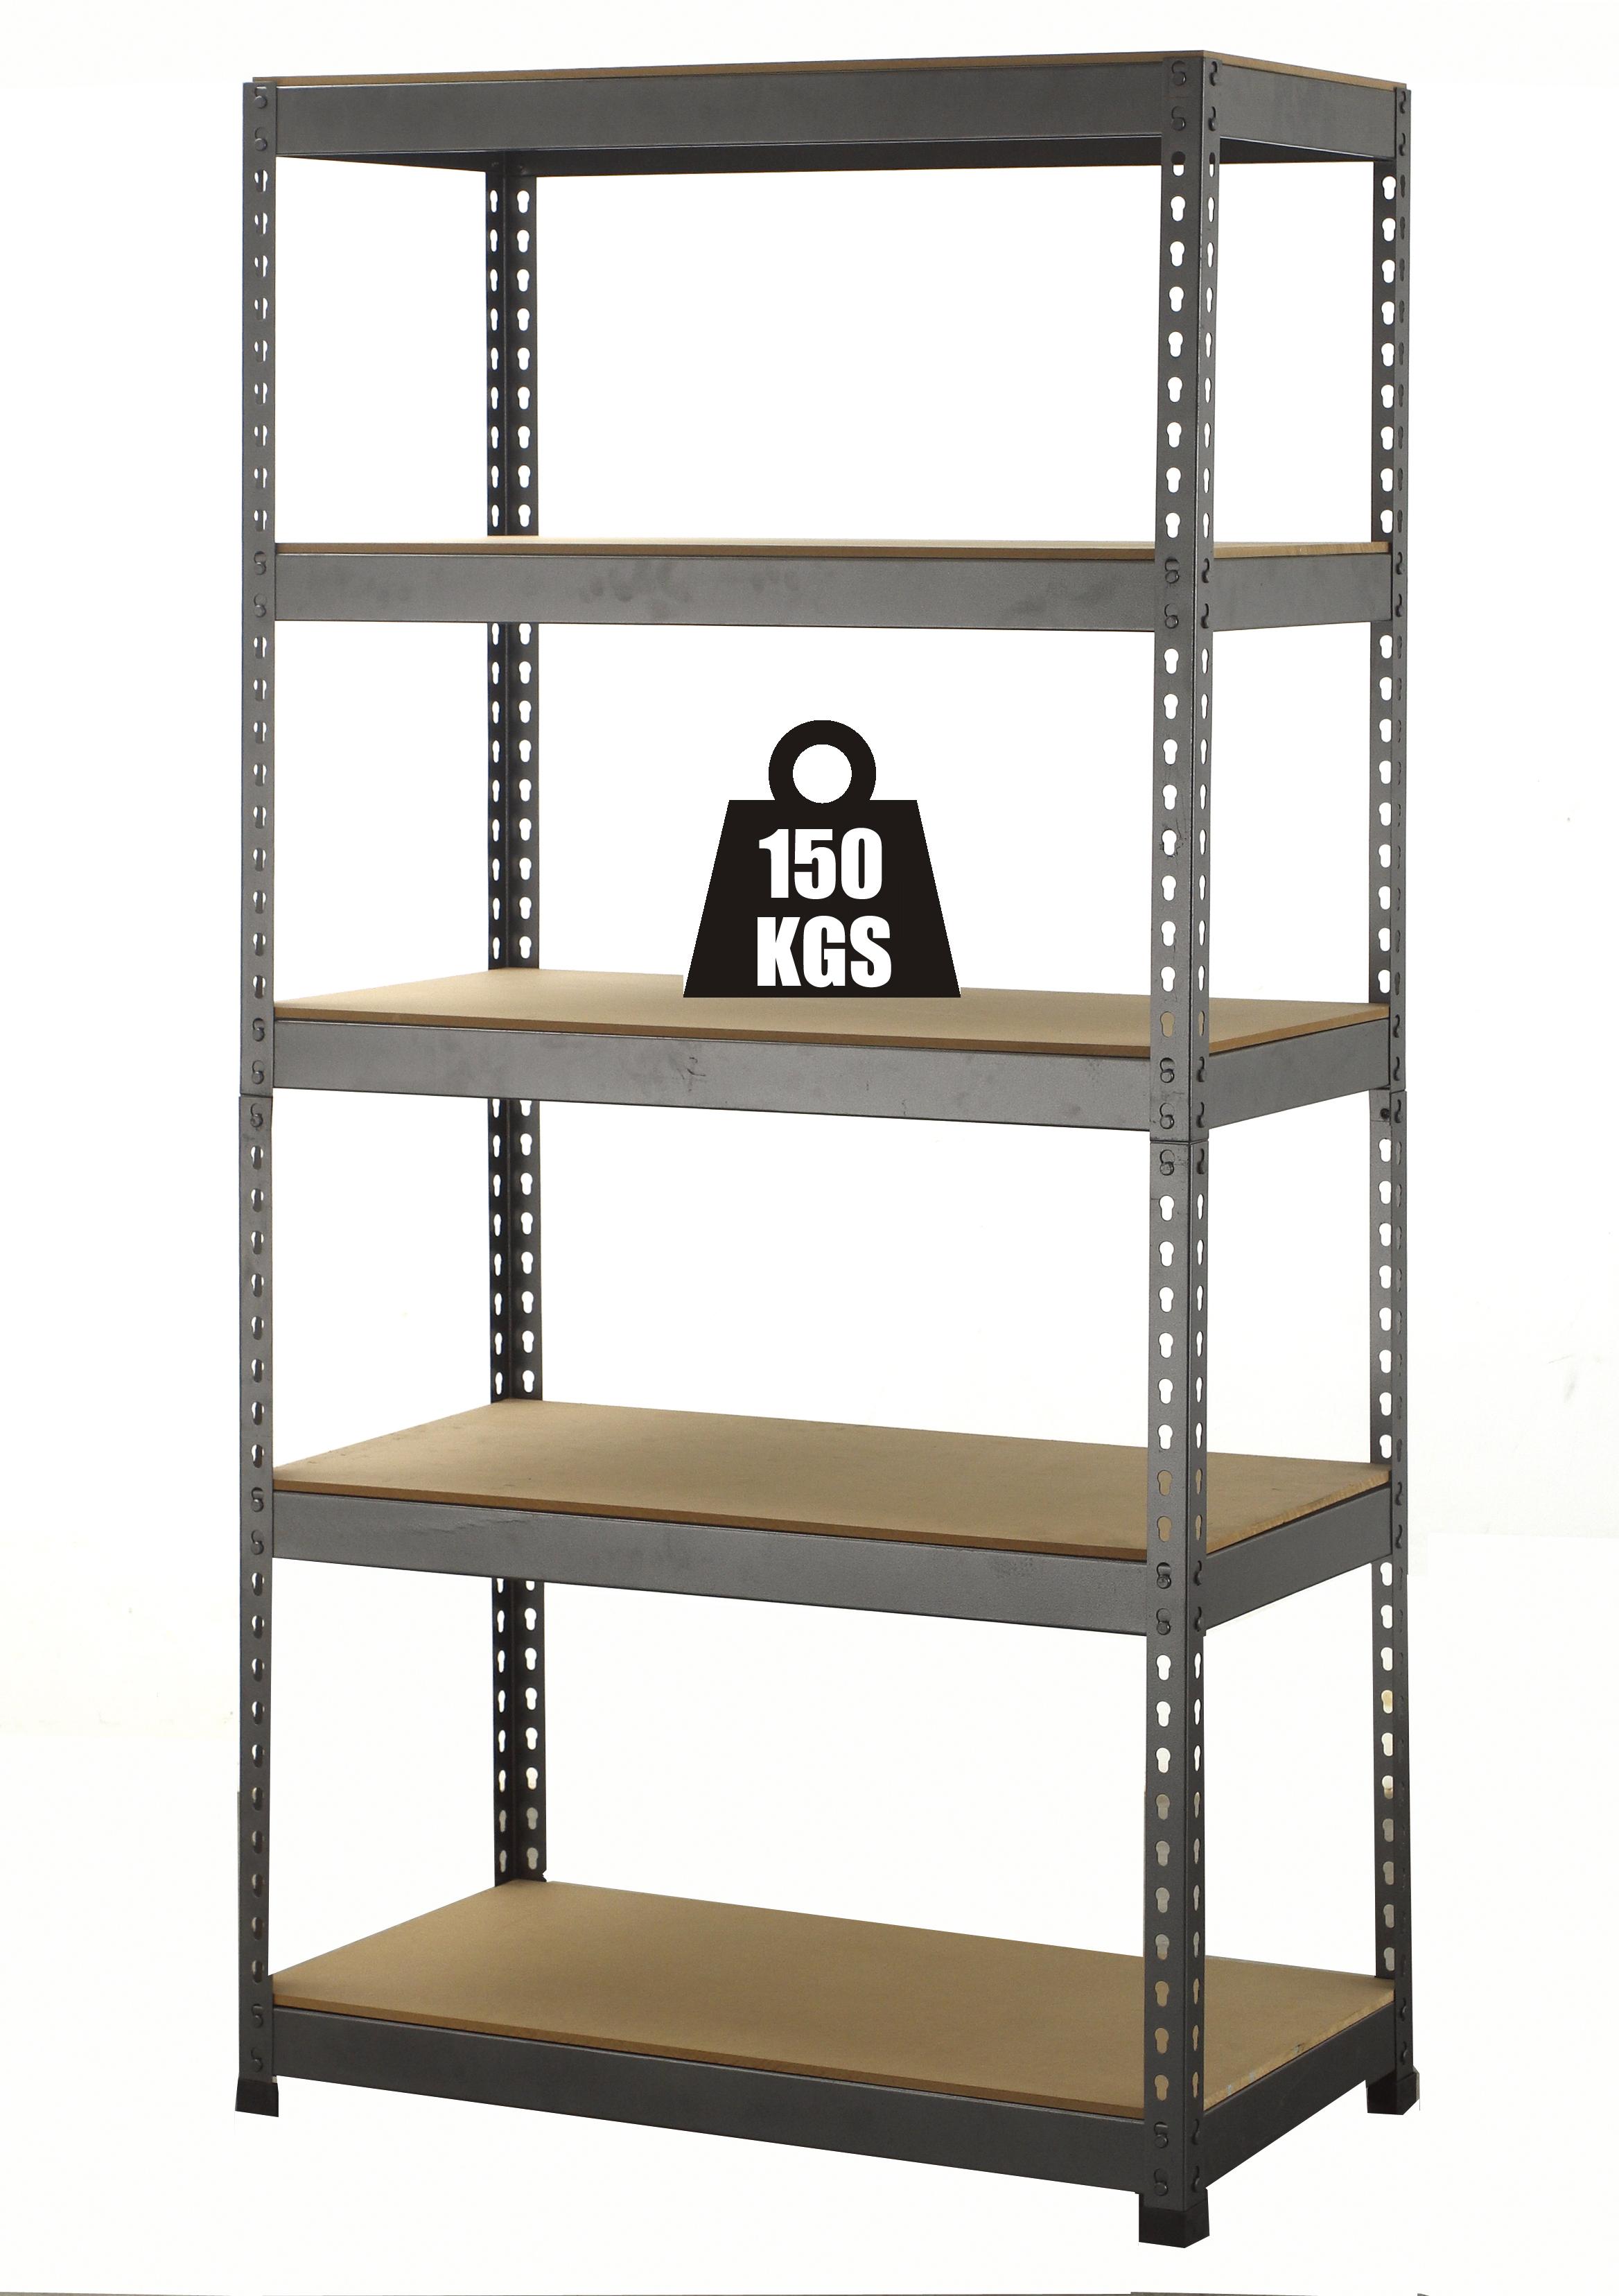 mobiletto in metallo angolare : Scaffale 5 Piani In Metallo Facile Da Montare Senza Bulloni x2 1500H